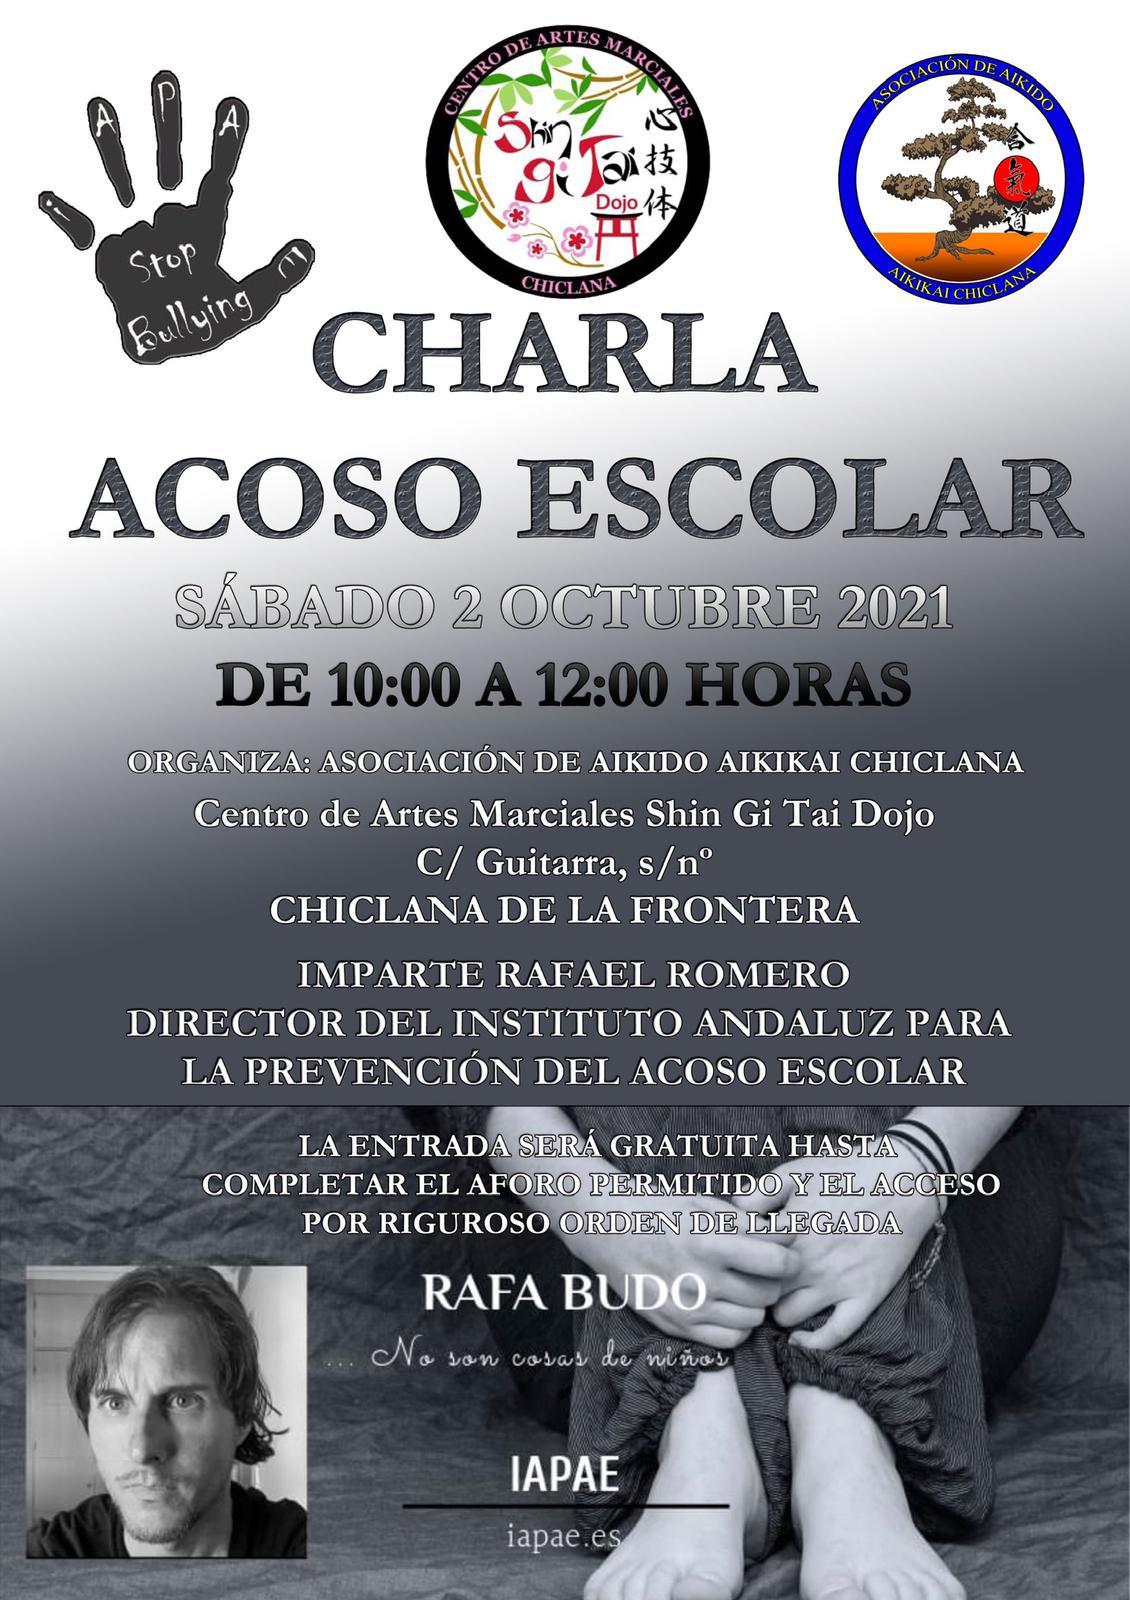 Charla sobre Acoso Escolar en la Asociación de Aikido de Chiclana